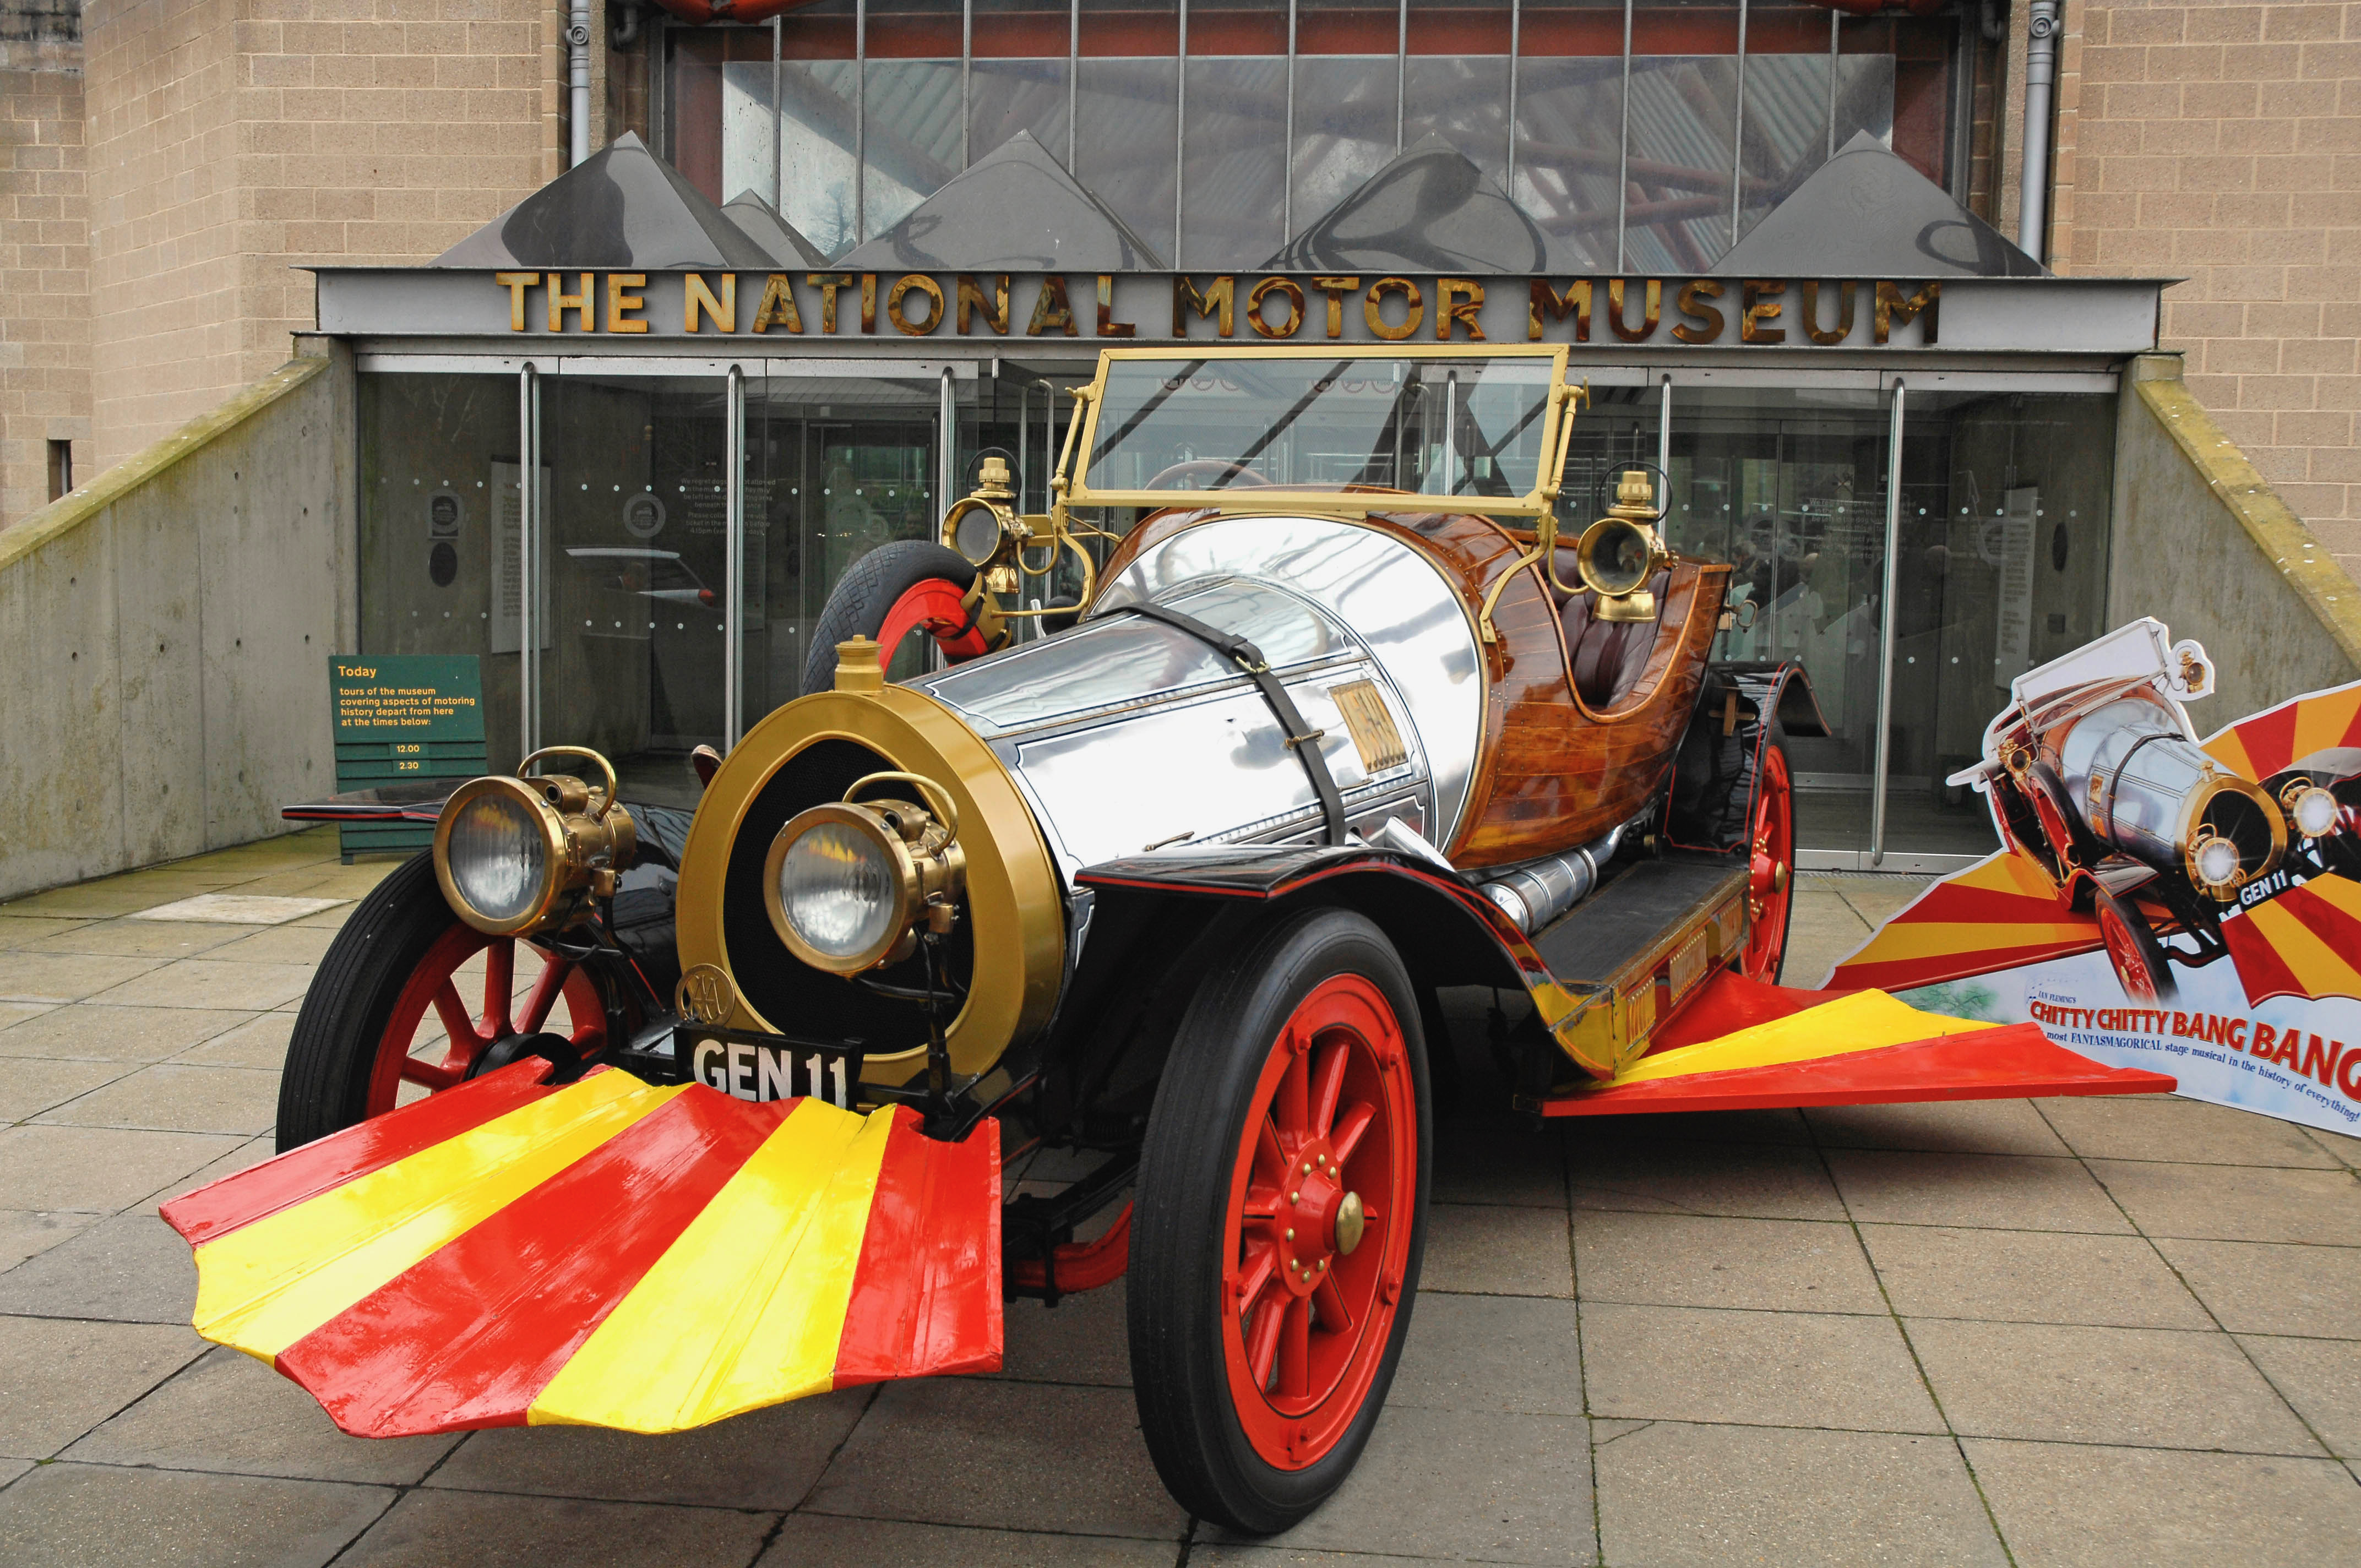 Museum, Petersen opens Juxtapoz exhibit and crowdfunding restoration effort, ClassicCars.com Journal